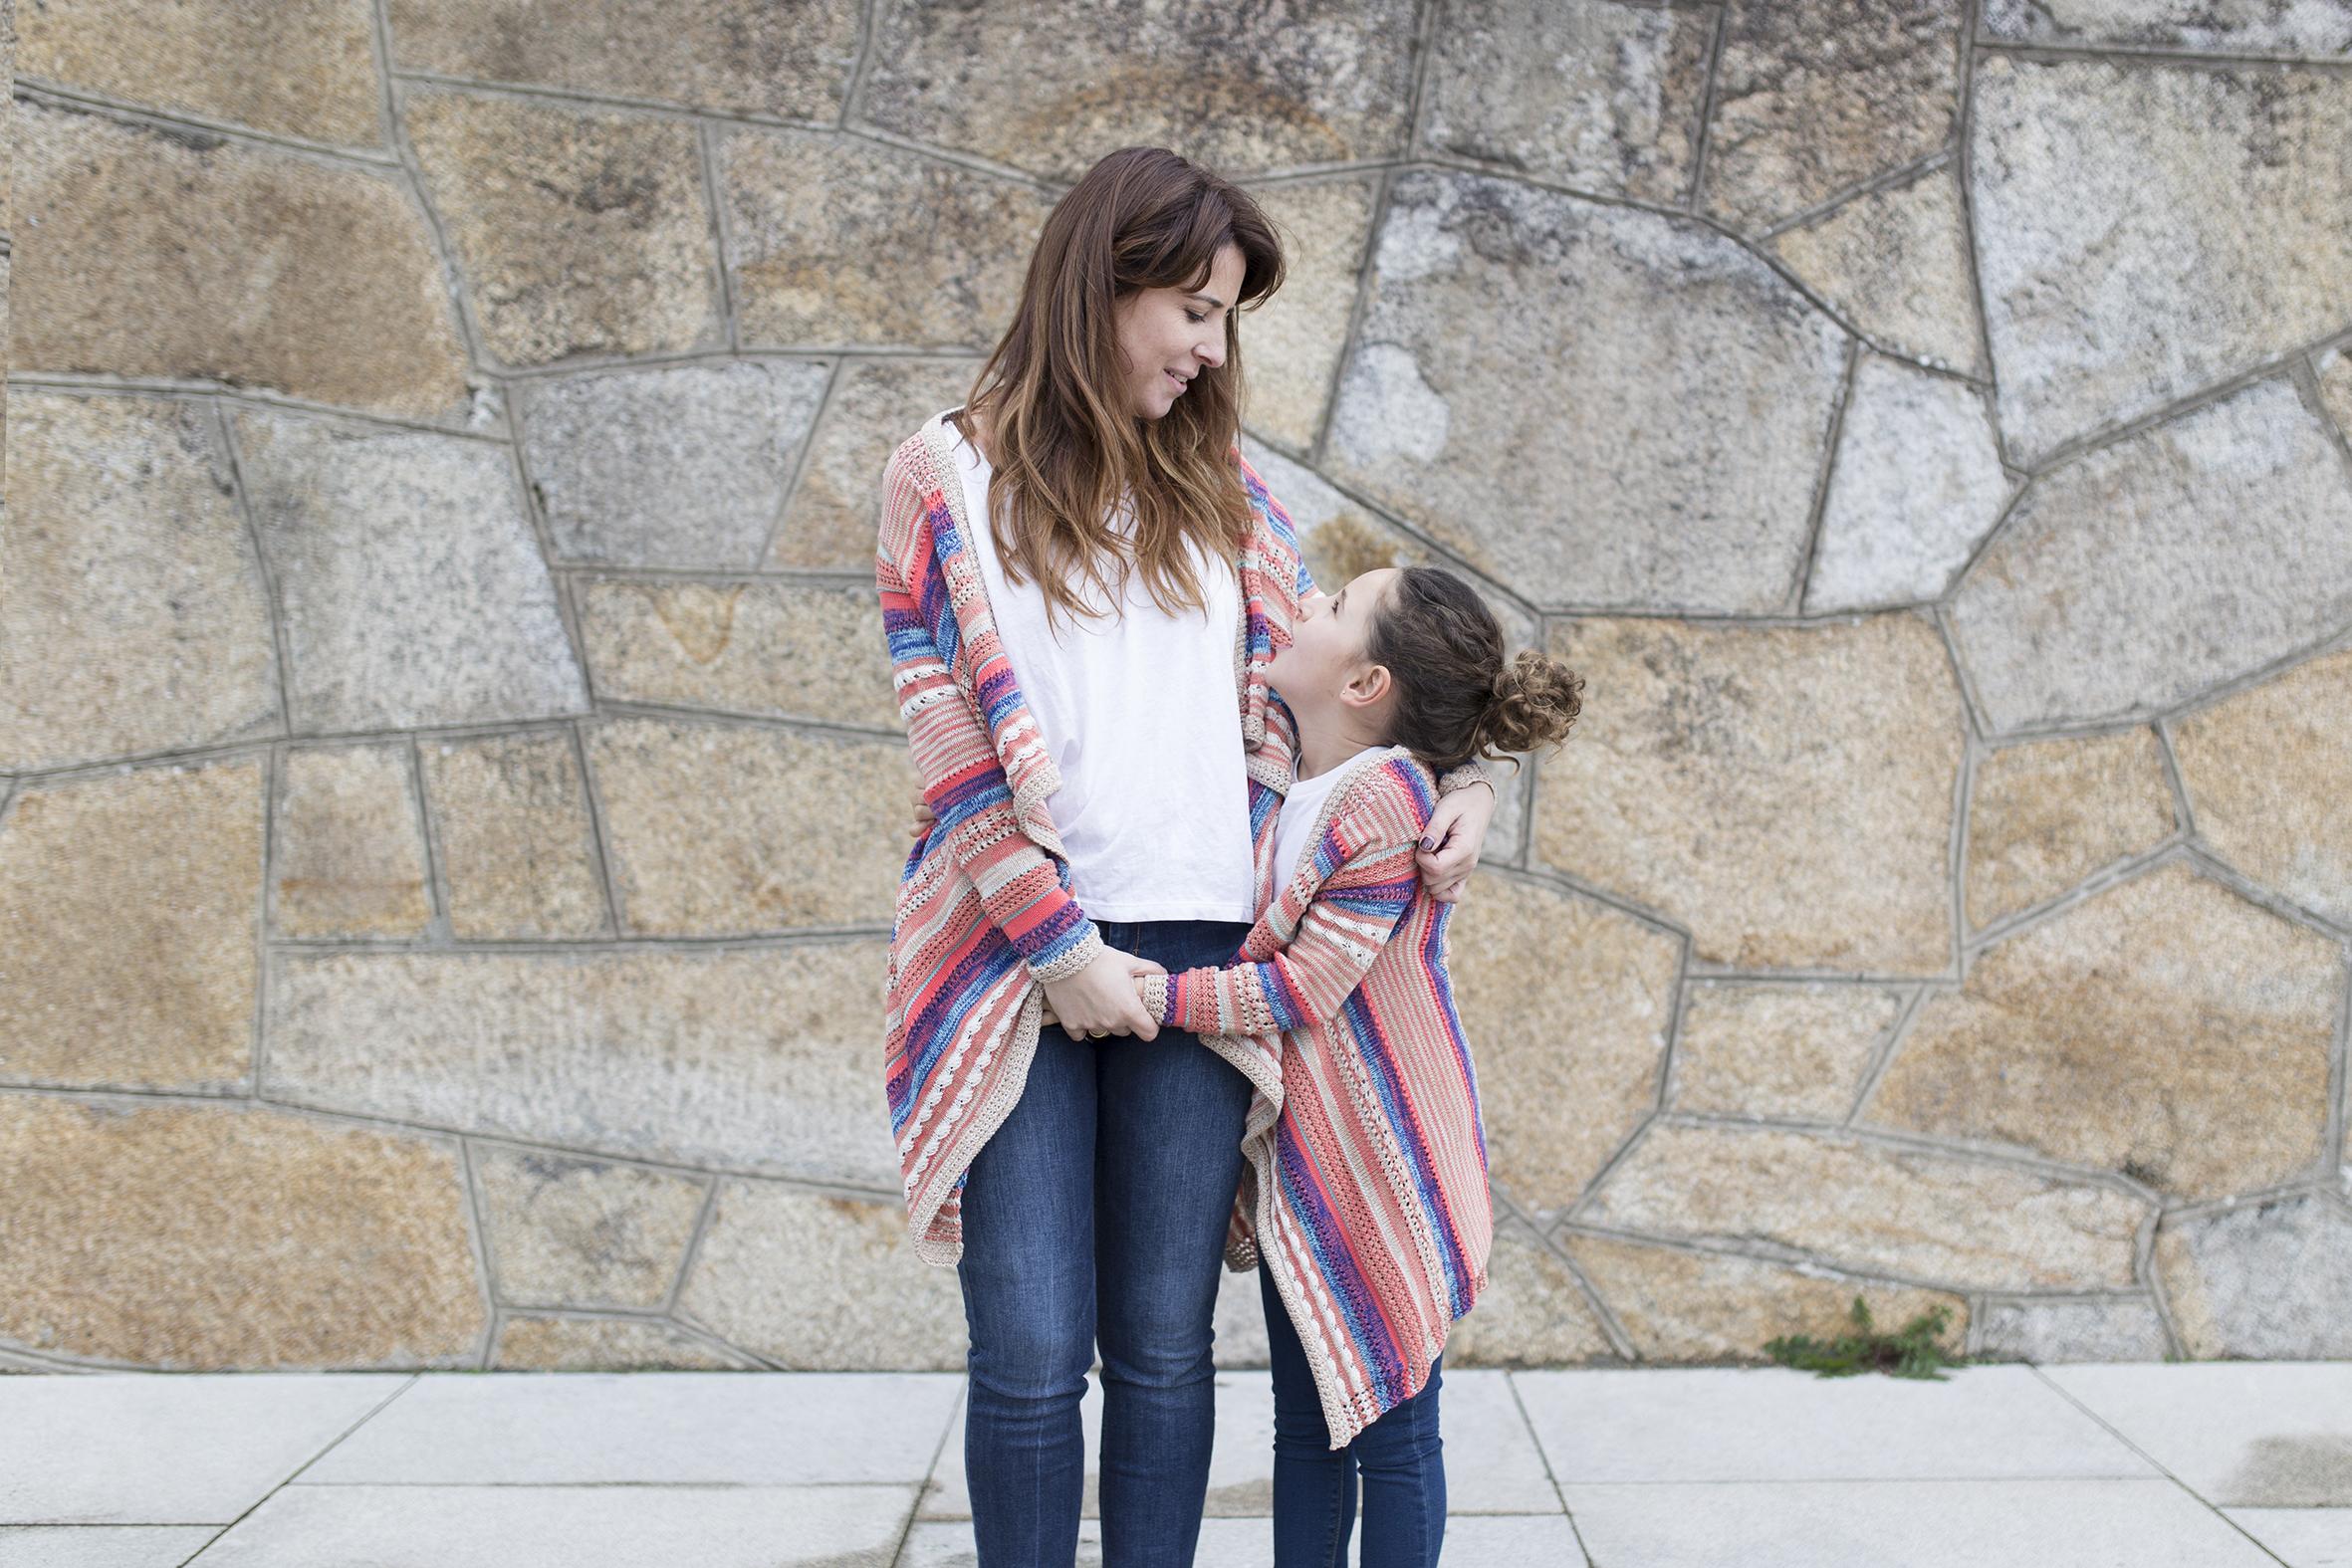 fashion-style-converse-jimena & me-madre e hija-Viajar en familia-descalzaporelparque-coruña-lifestyle- kids- converse-daughter